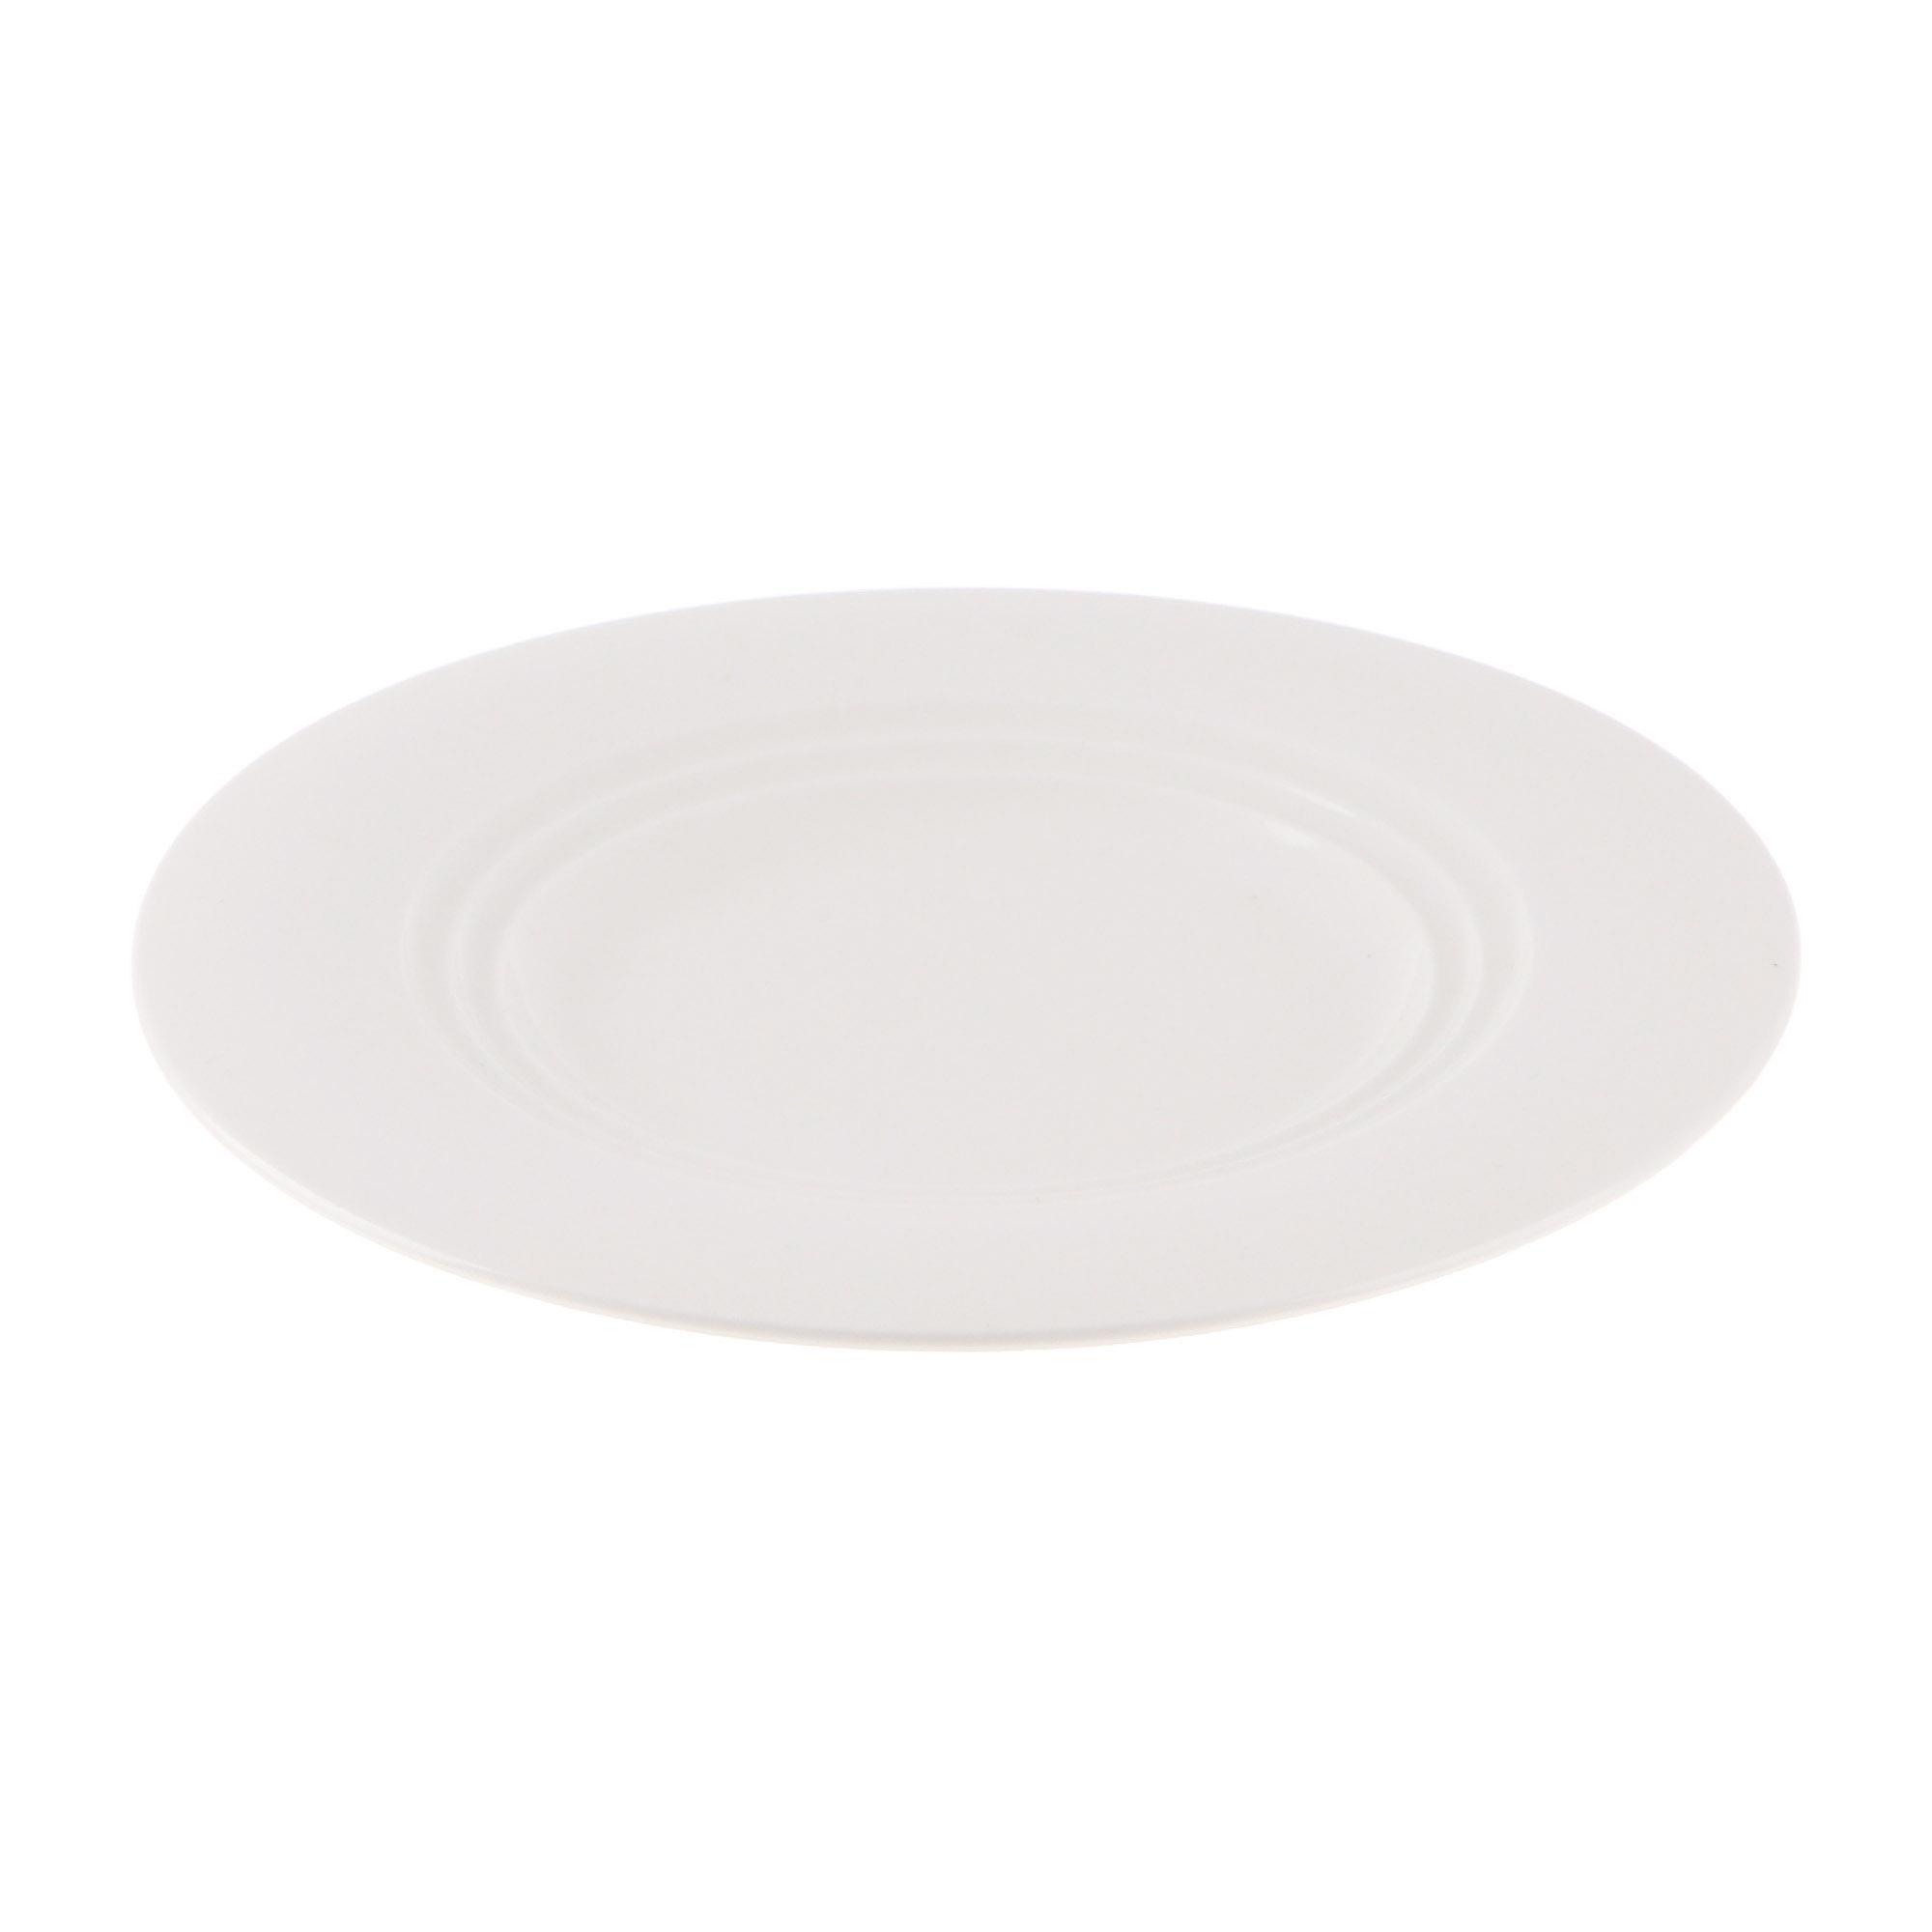 Тарелка Cameo Concentrics фарфор 21 см